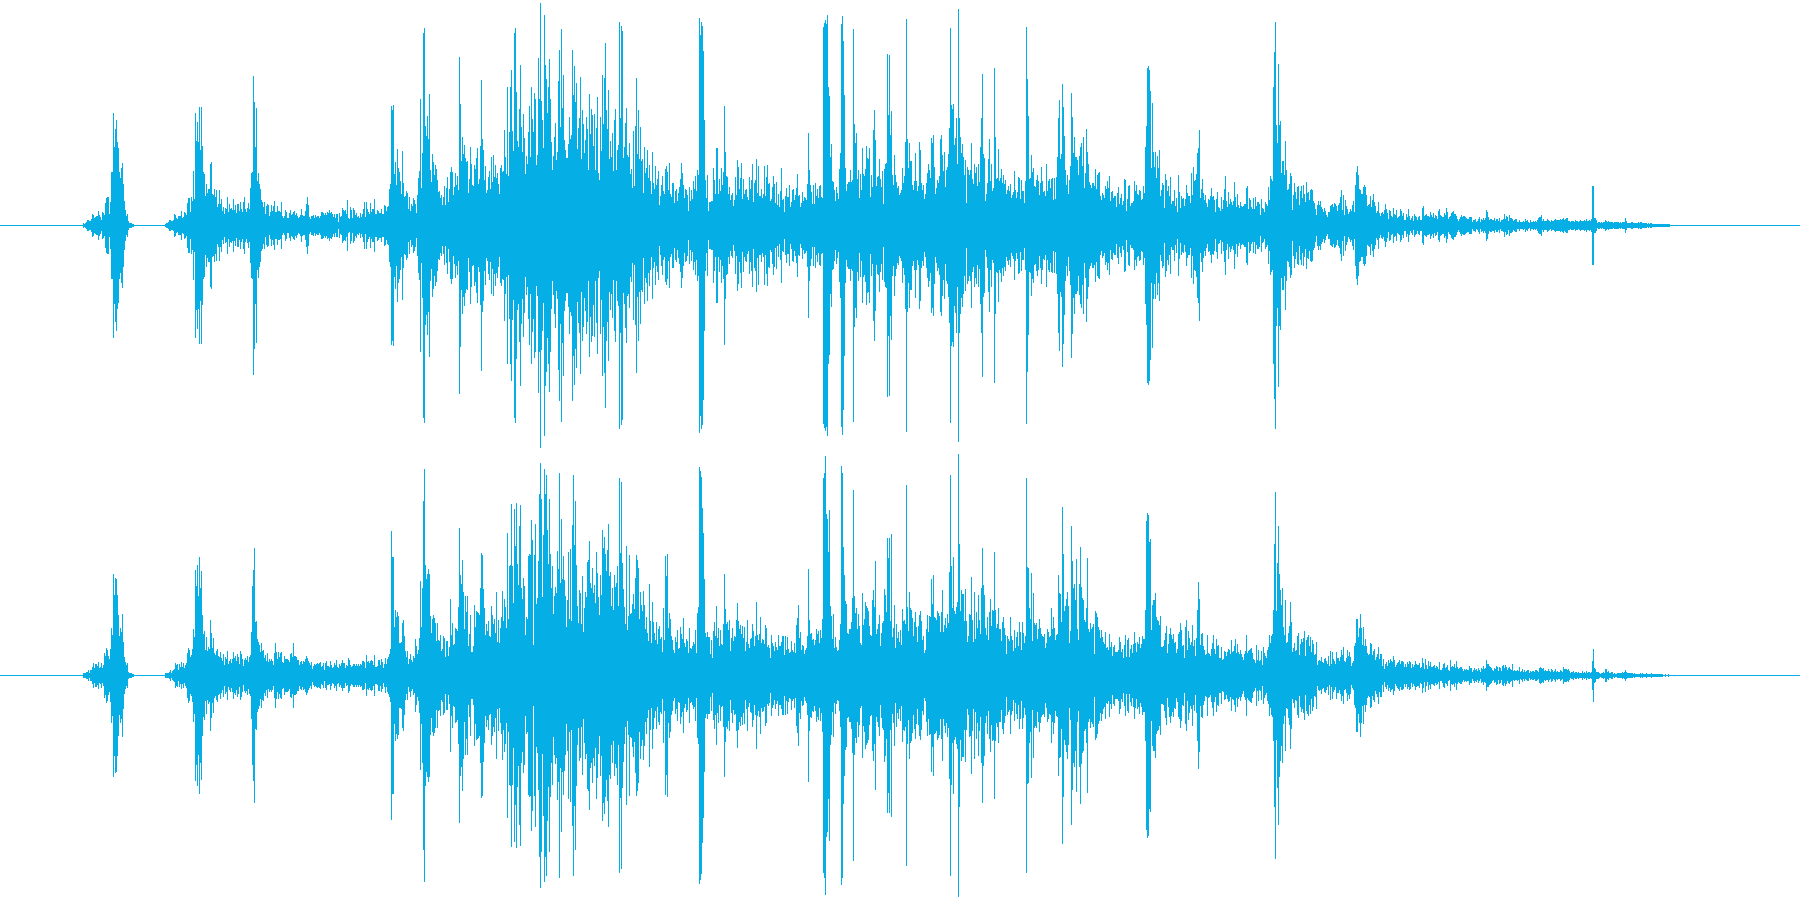 食べ物を食べる/かじる/噛む,効果音01の再生済みの波形